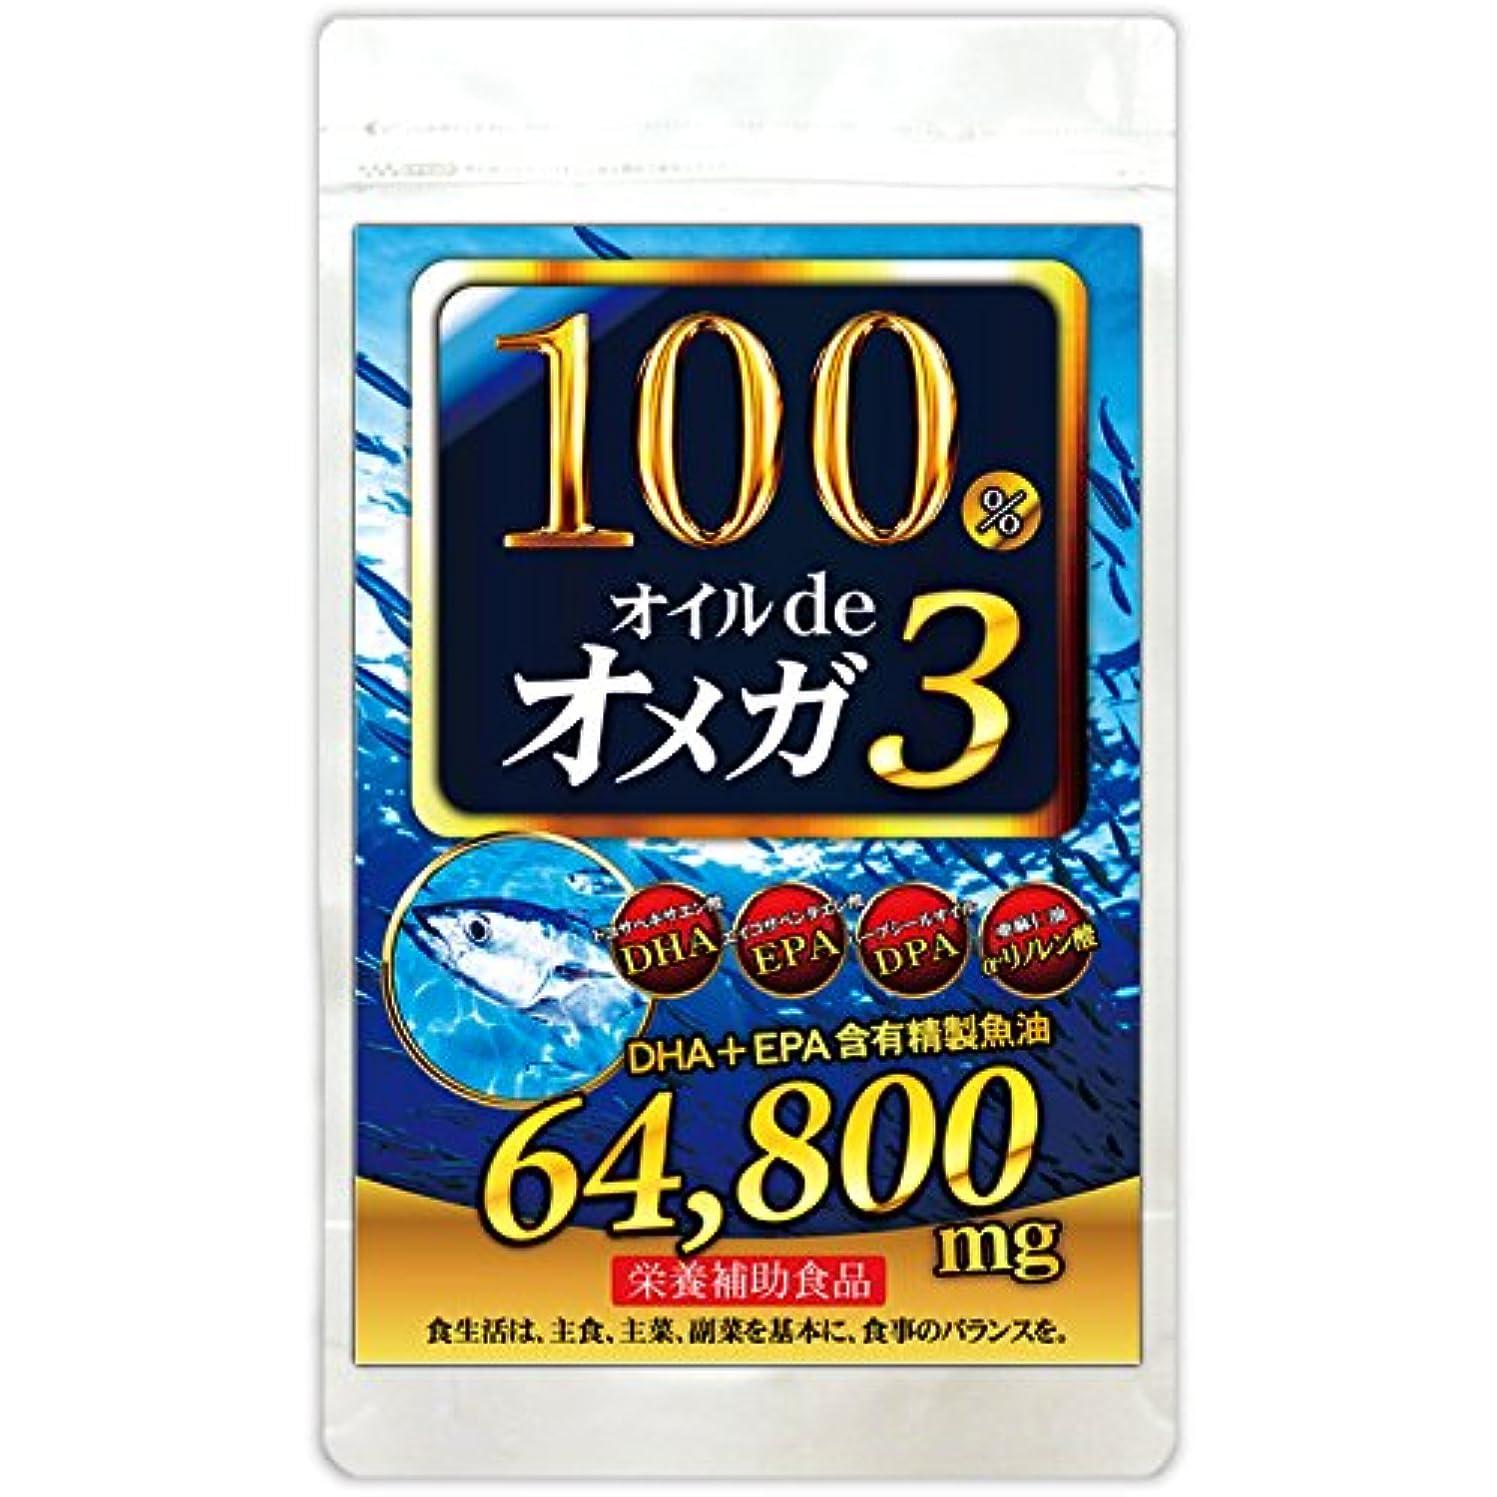 ハーネス憤るポインタ(約6ヵ月分/180粒)オメガ3(DHA+EPA)など健康油12種類を100%限界配合詰め!100%オイルdeオメガ3